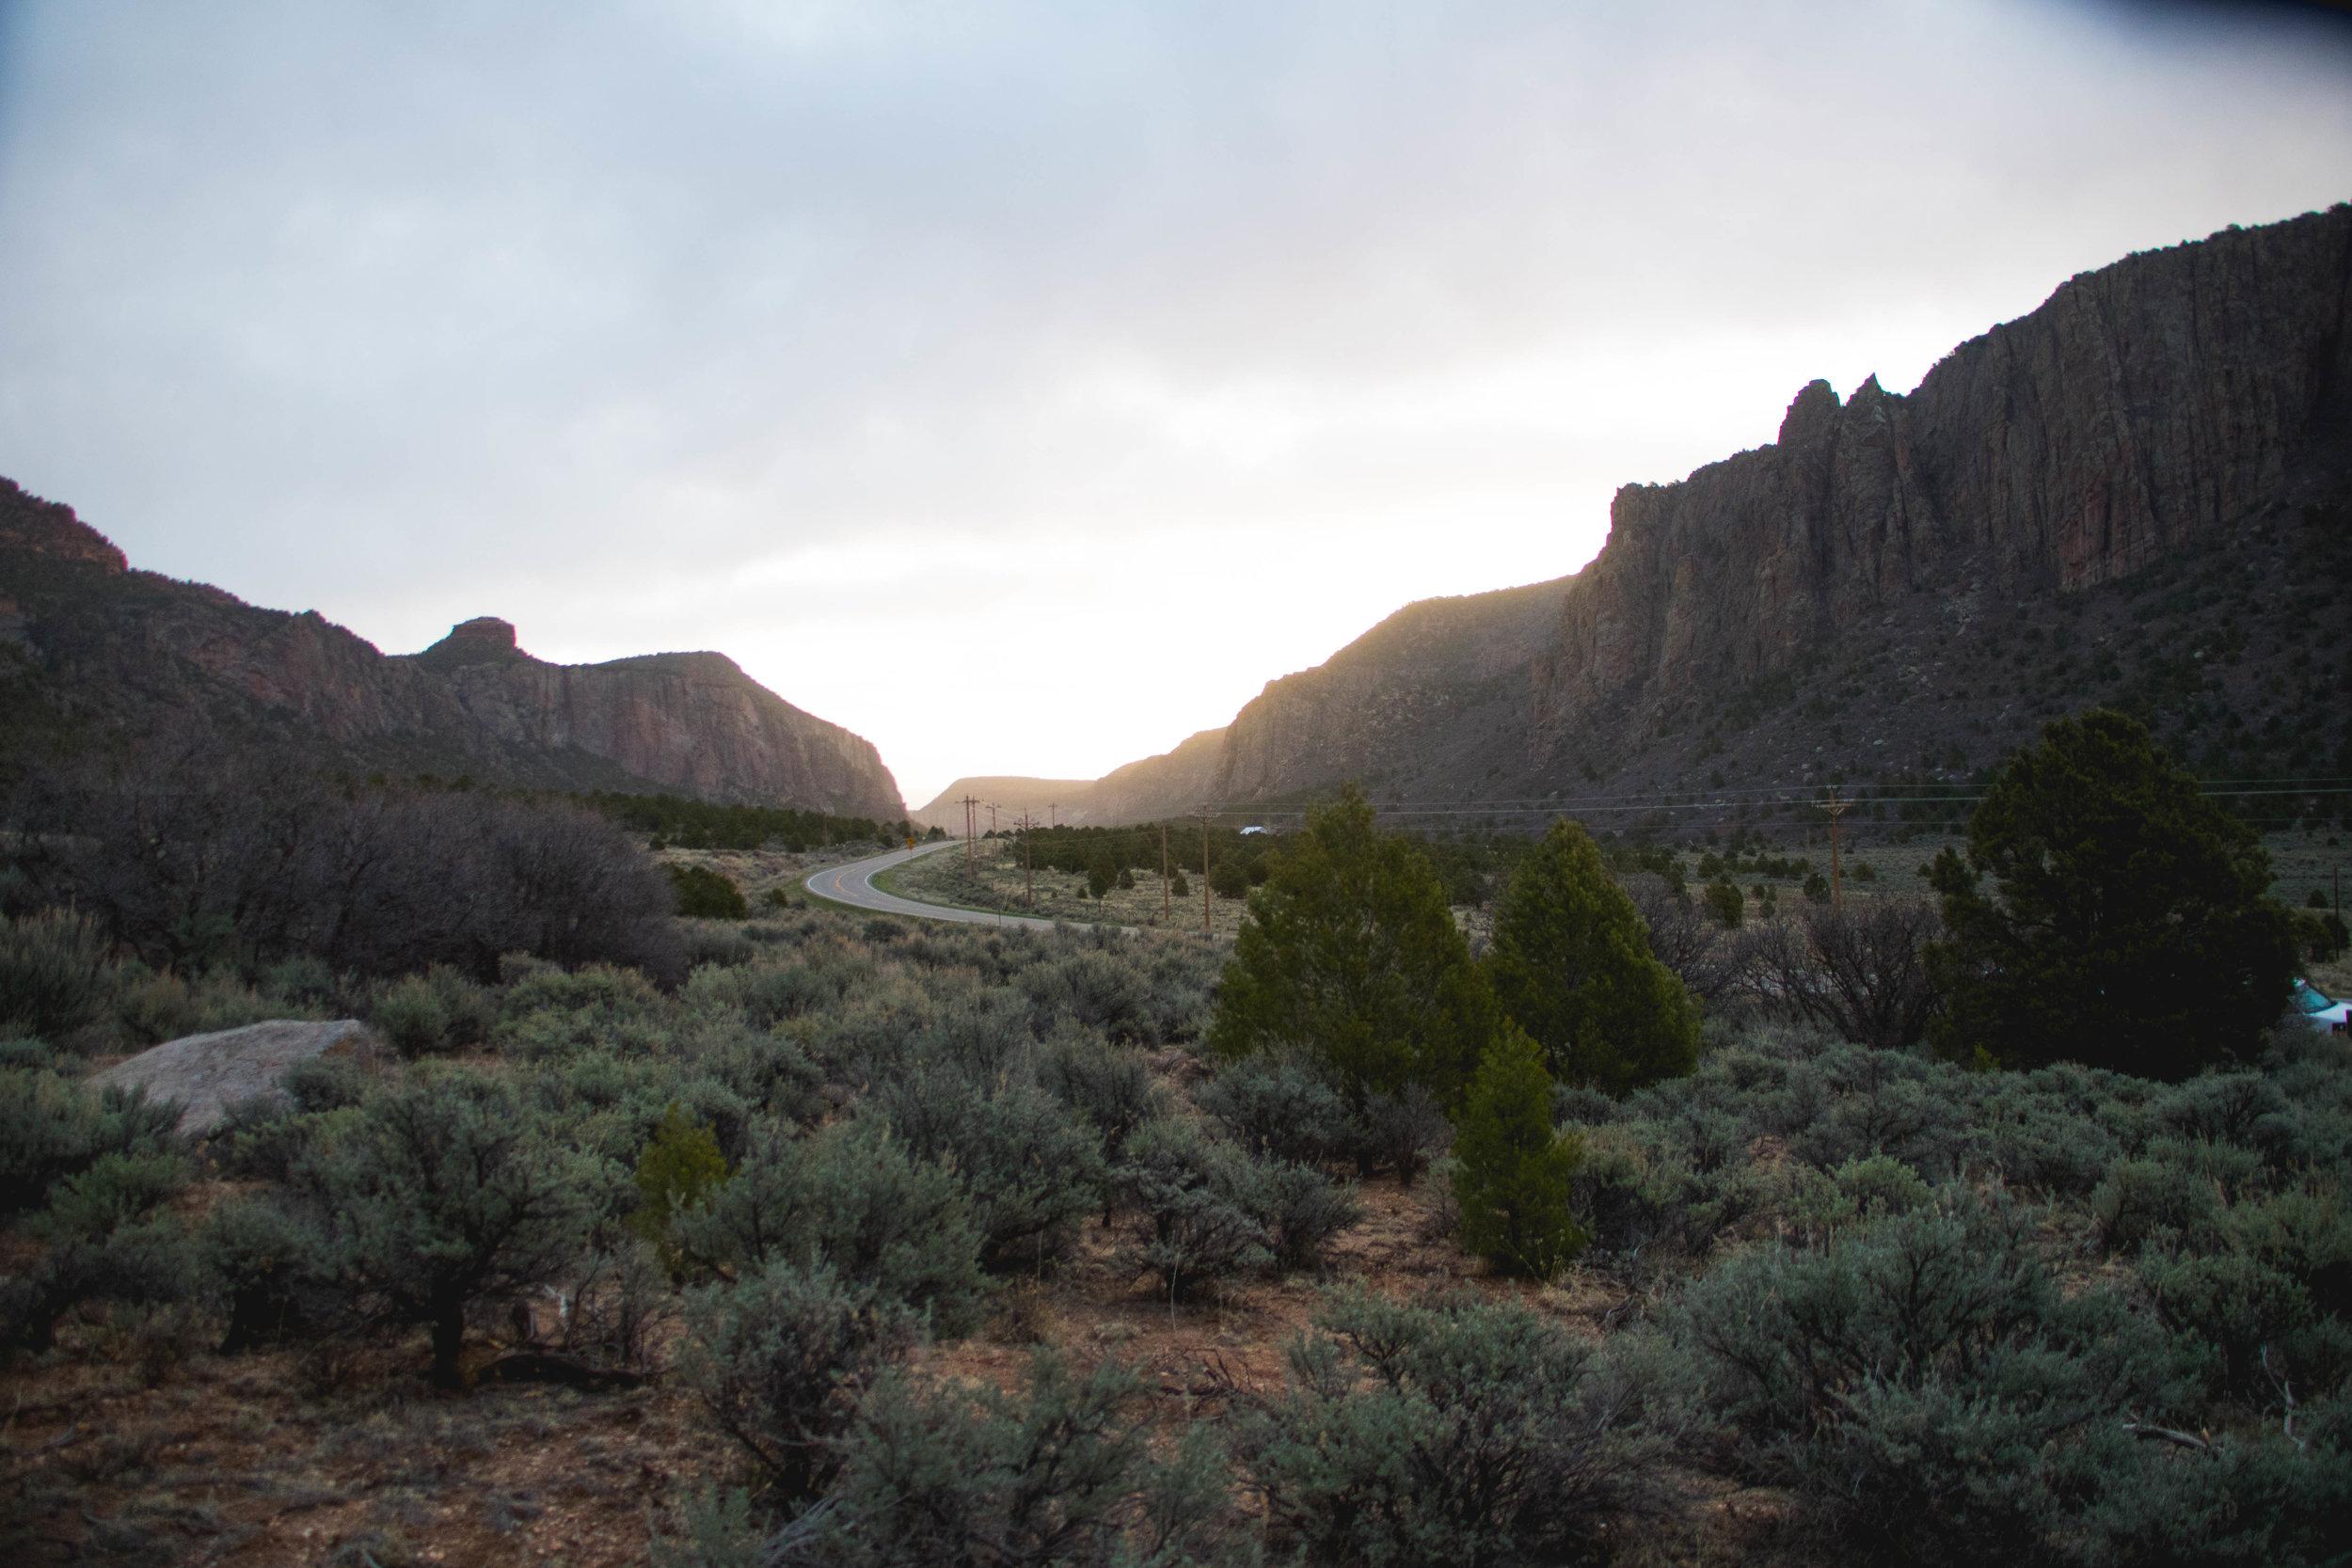 Morning in Unaweep Canyon, Colorado.